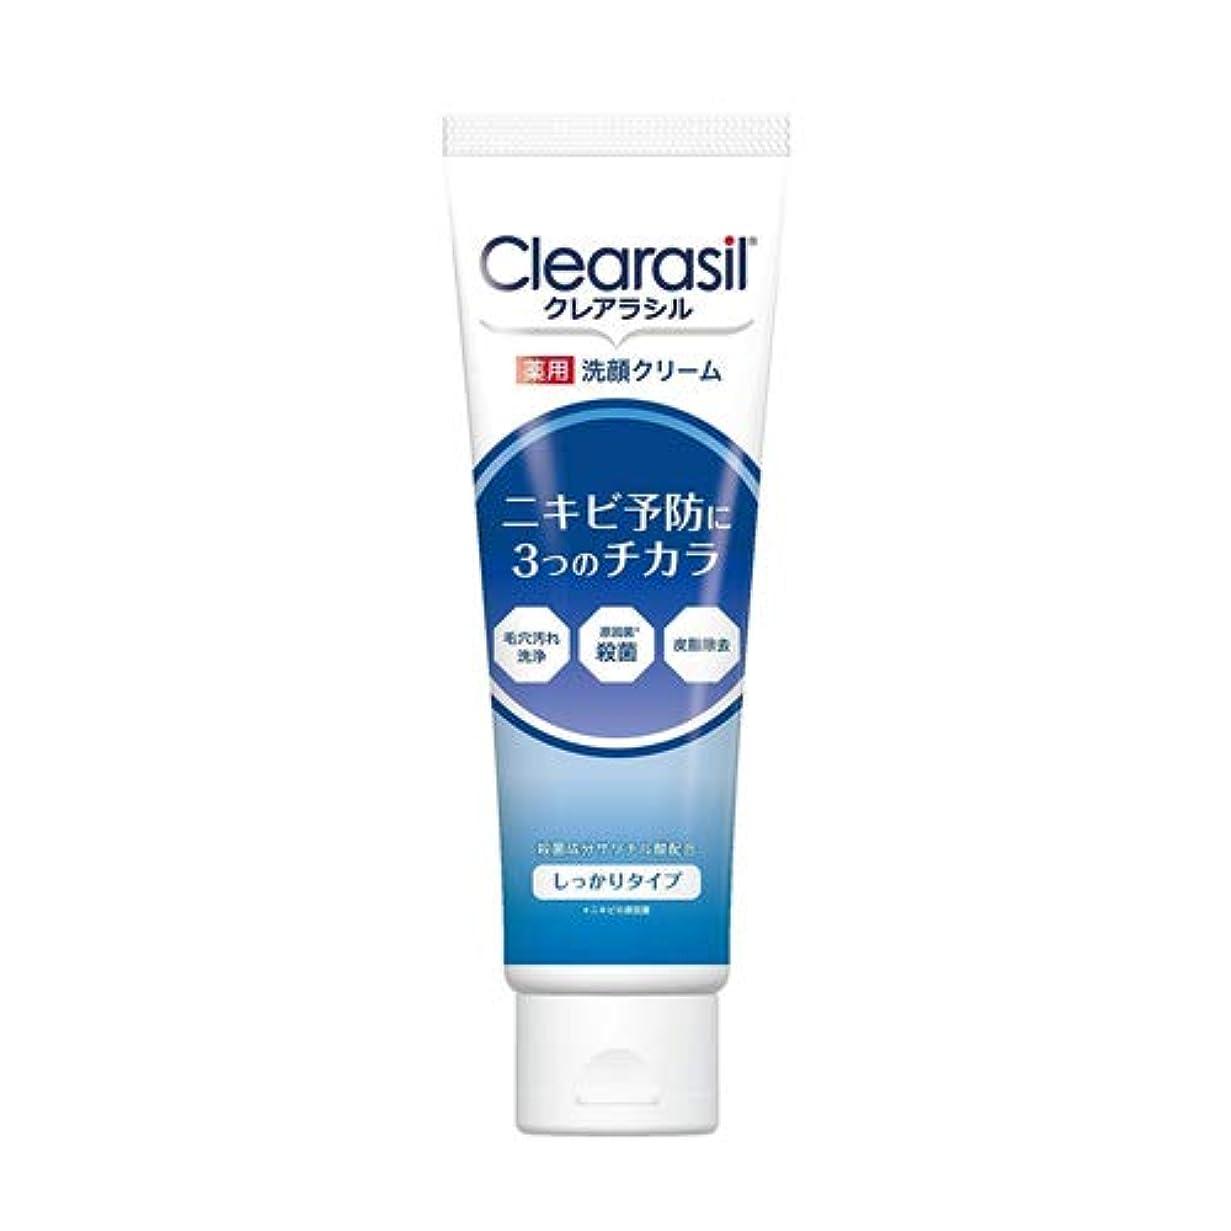 順応性のある解釈的二クレアラシル 薬用 洗顔クリーム しっかりタイプ 120g 【医薬部外品】